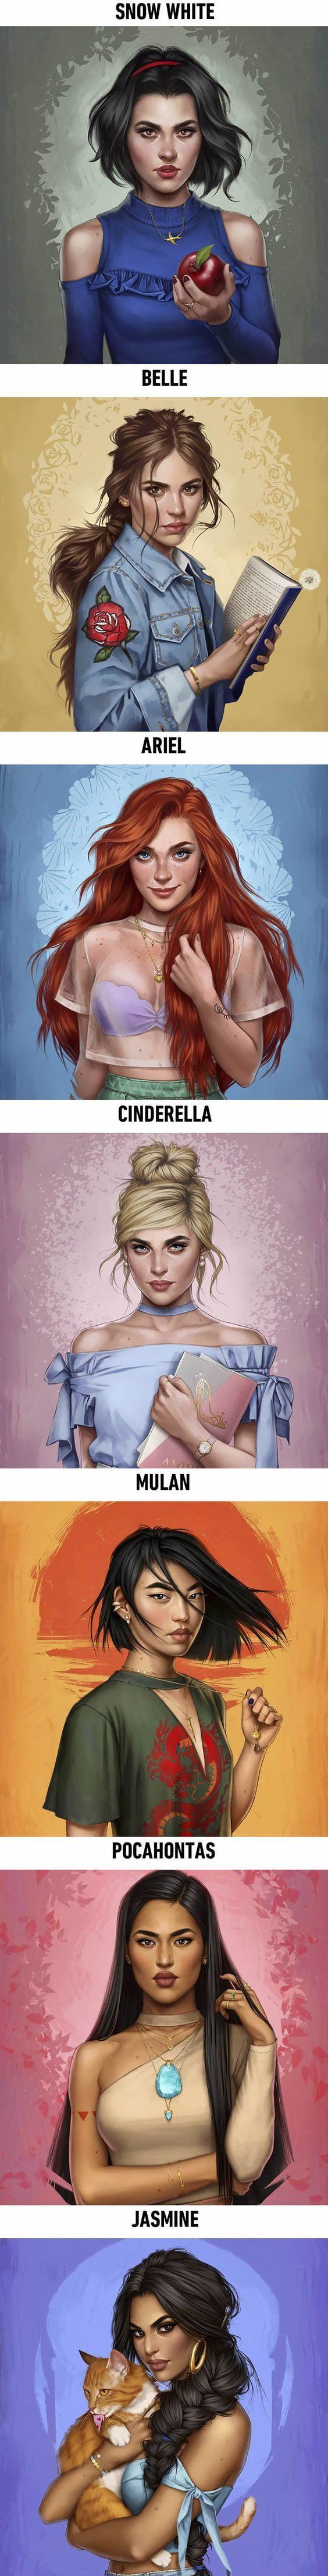 So würden Disney-Prinzessinnen 2017 aussehen -   #aussehen #DisneyPrinzessinnen #würden -   [ad_1]  So würden Disney-Prinzessinnen 2017 aussehen